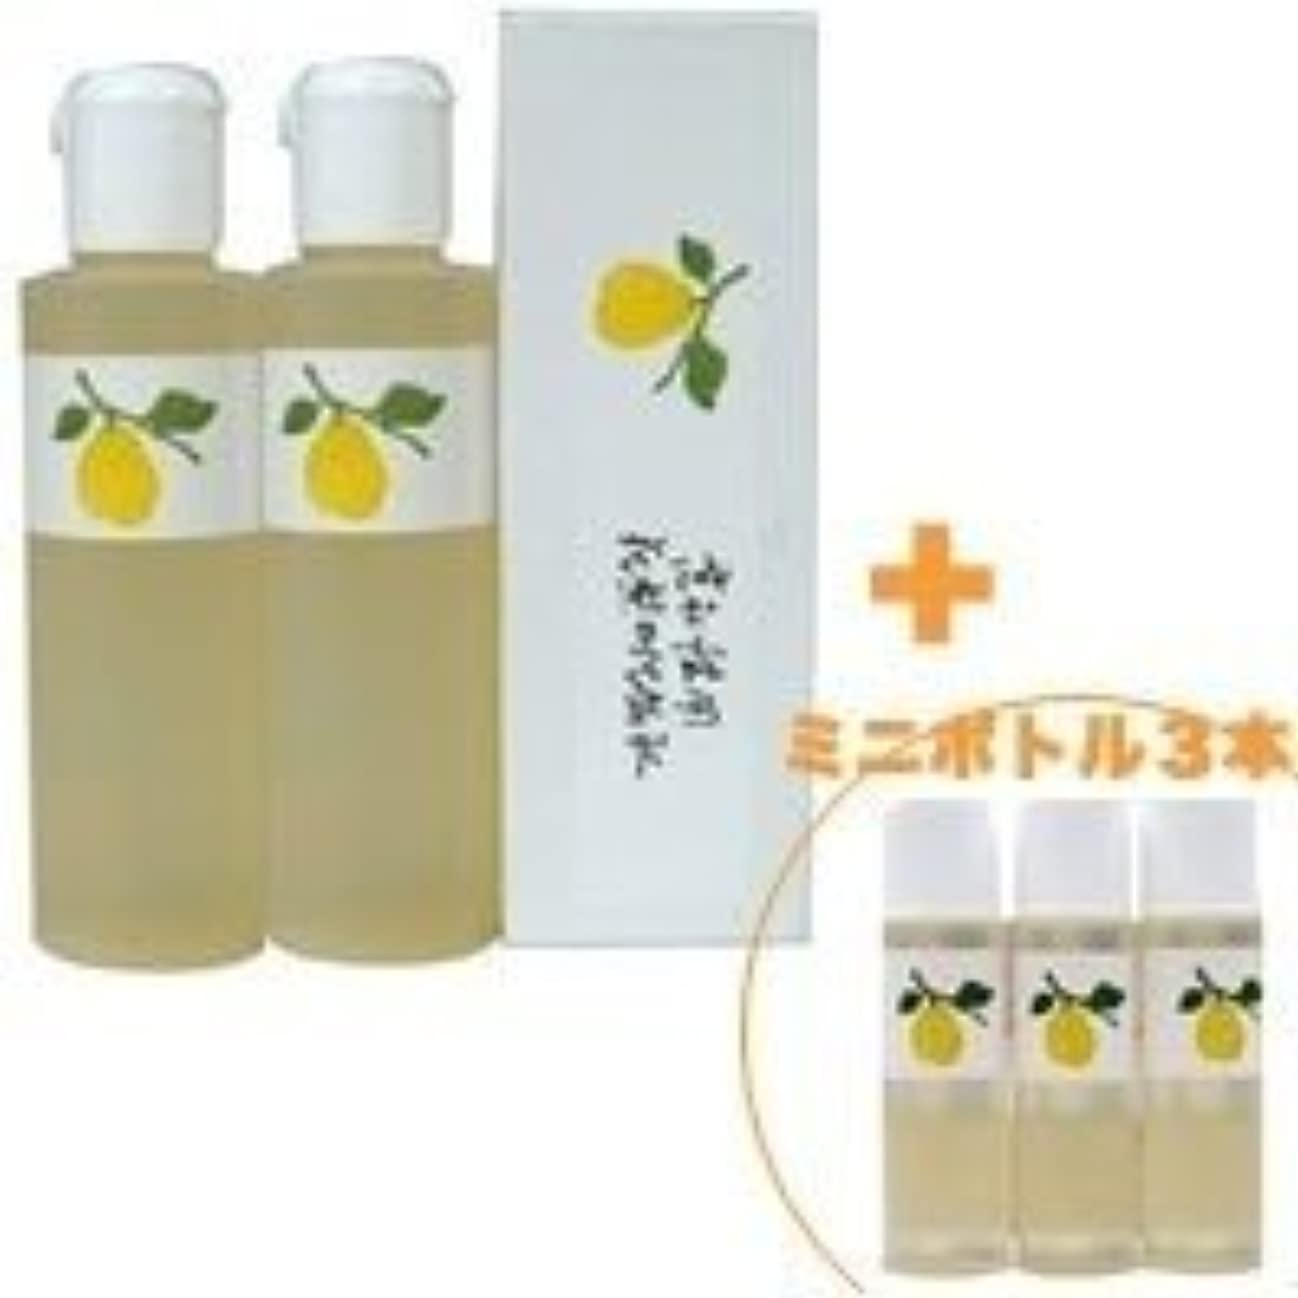 曲線立ち寄る近傍花梨の化粧水 200ml 2本&ミニボトル 3本 美容液 栄養クリームのいらないお肌へ 保湿と乾燥対策に